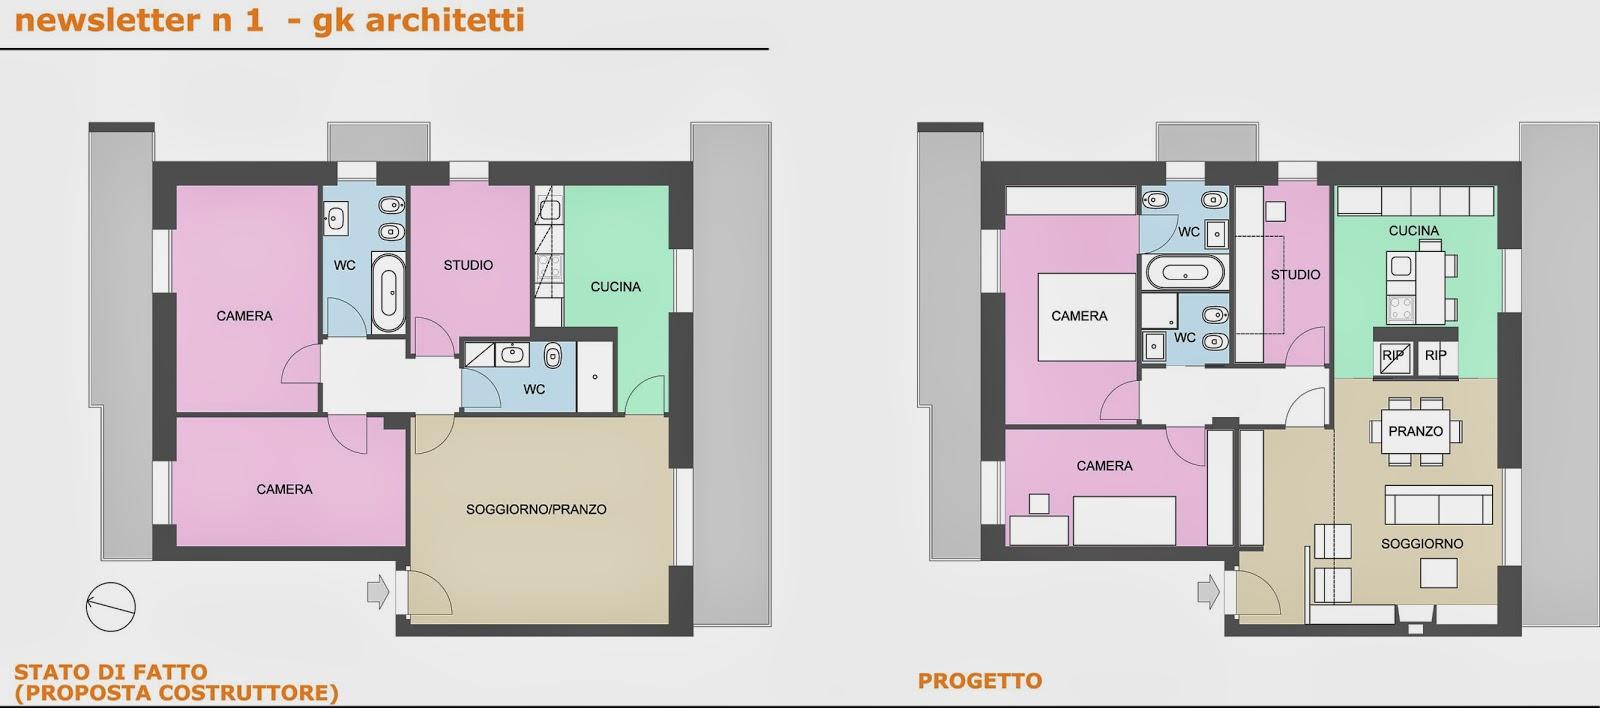 Appunti di architettura progettati da gk architetti casa m for Case realizzate da architetti